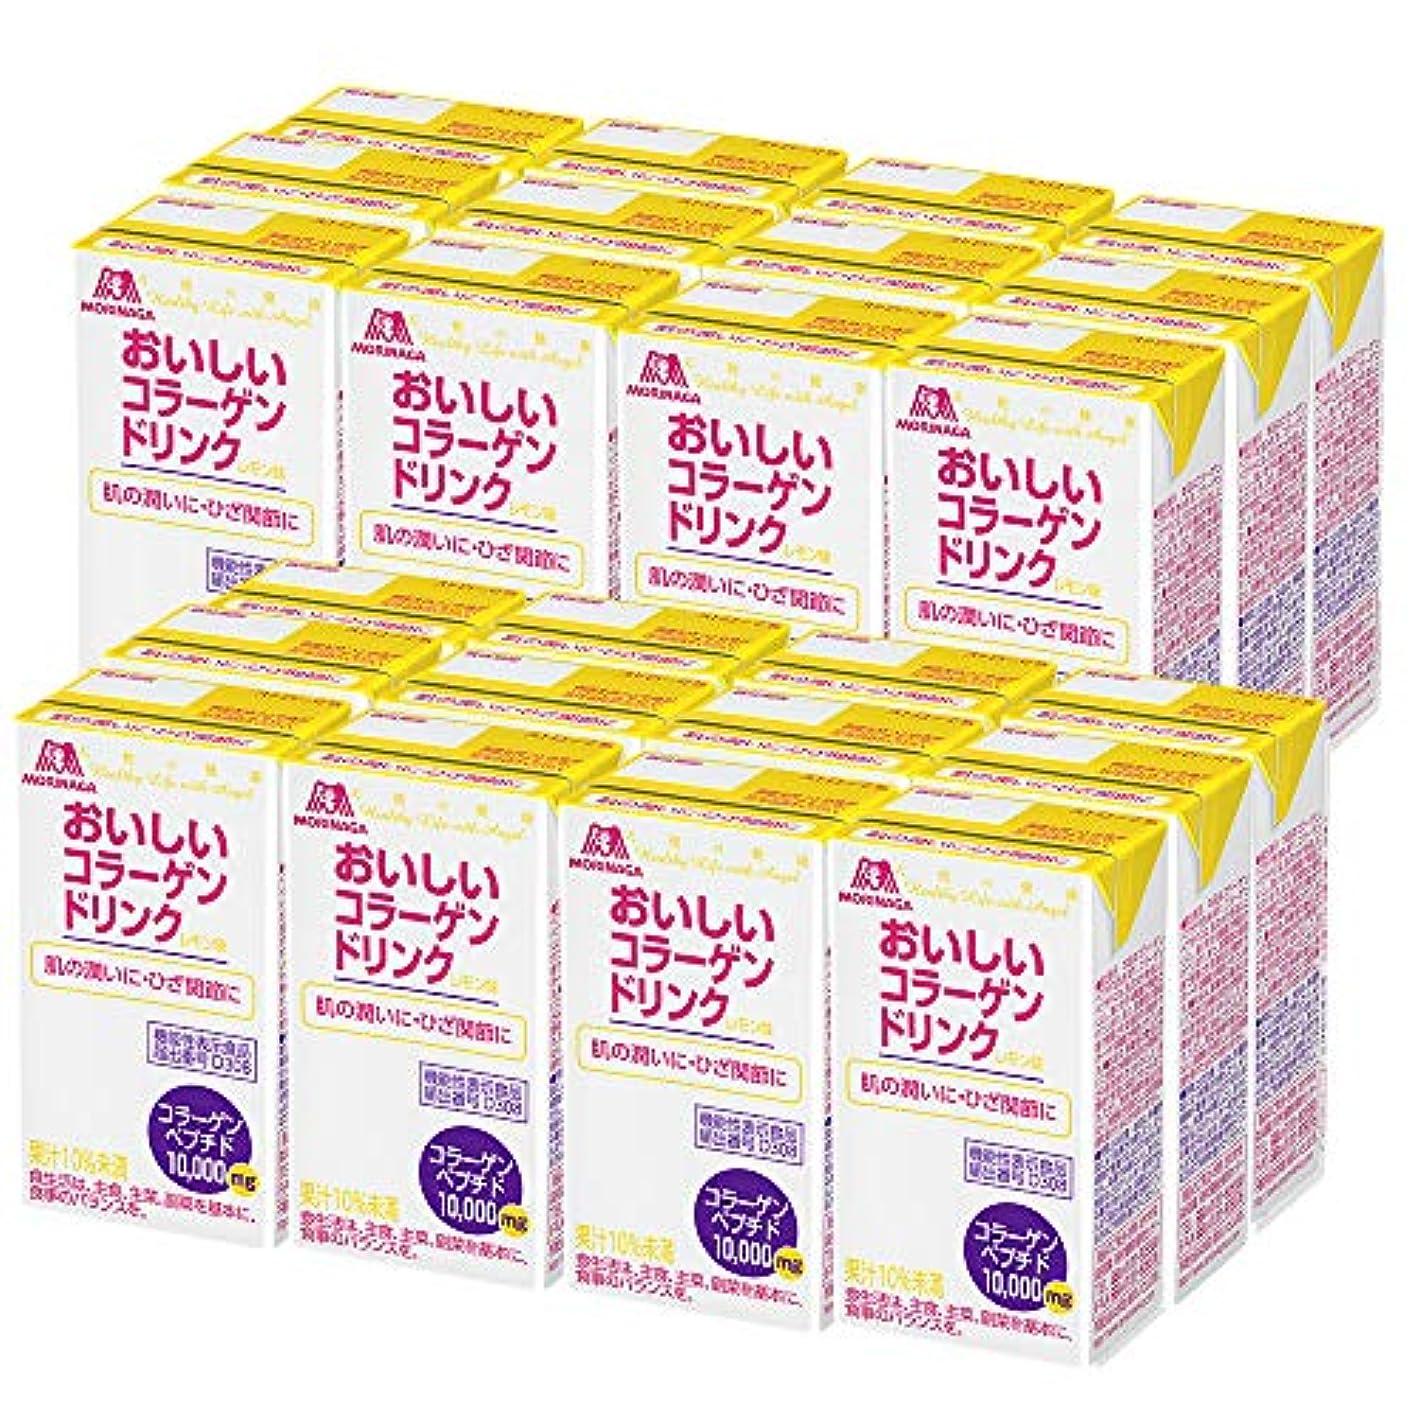 見捨てるボイコット前提条件森永製菓 おいしいコラーゲンドリンク 125ml×24本 約24日分 レモン味